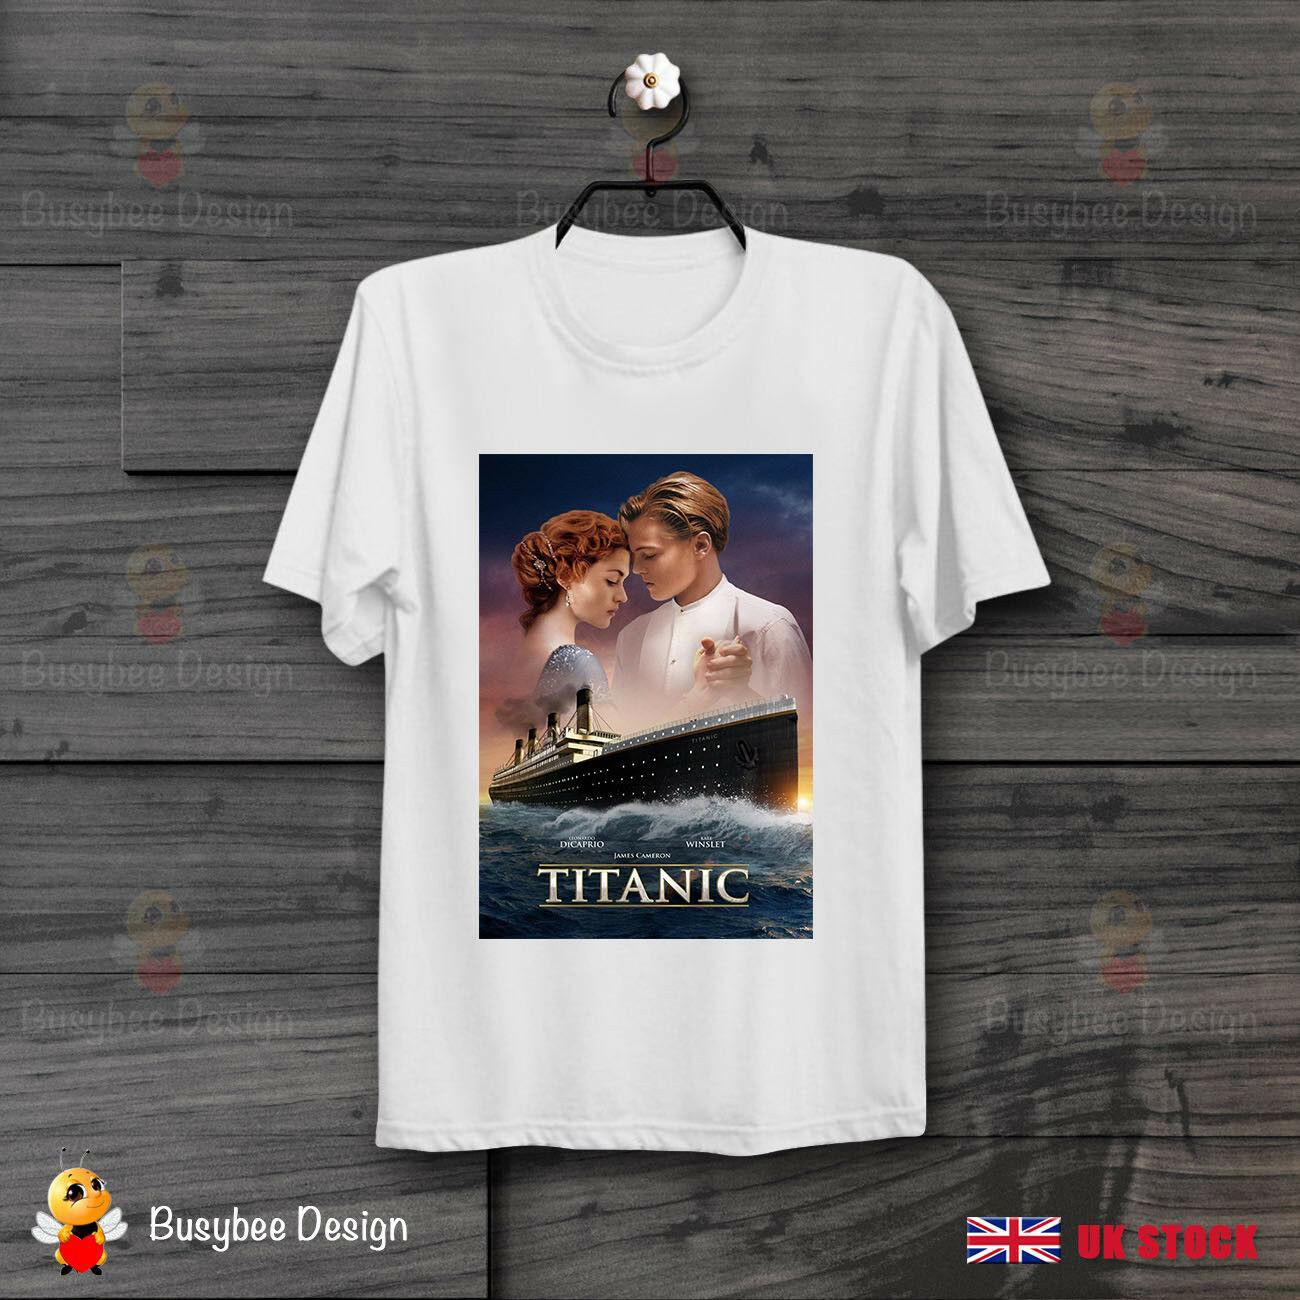 camiseta-unisex-con-estampado-del-cartel-de-pelicula-retro-camisa-de-moda-b176-para-hombre-con-estampado-de-pelicula-genial-de-estilo-hip-hop